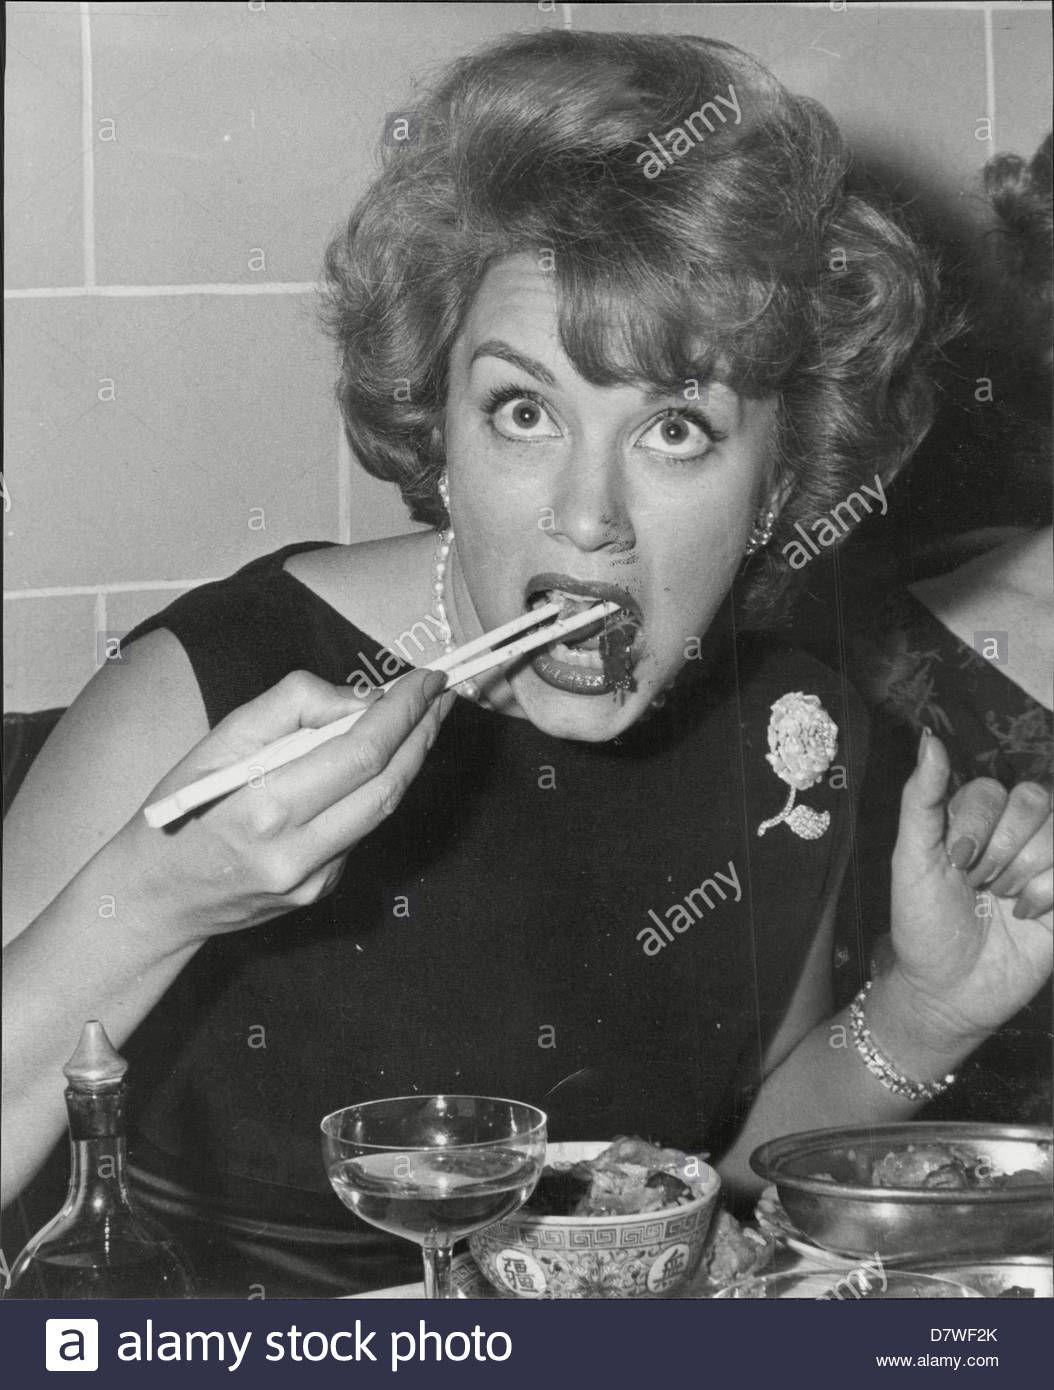 linda-christian-actress-eating-with-chop-sticks-D7WF2K.jpg (1054×1390)